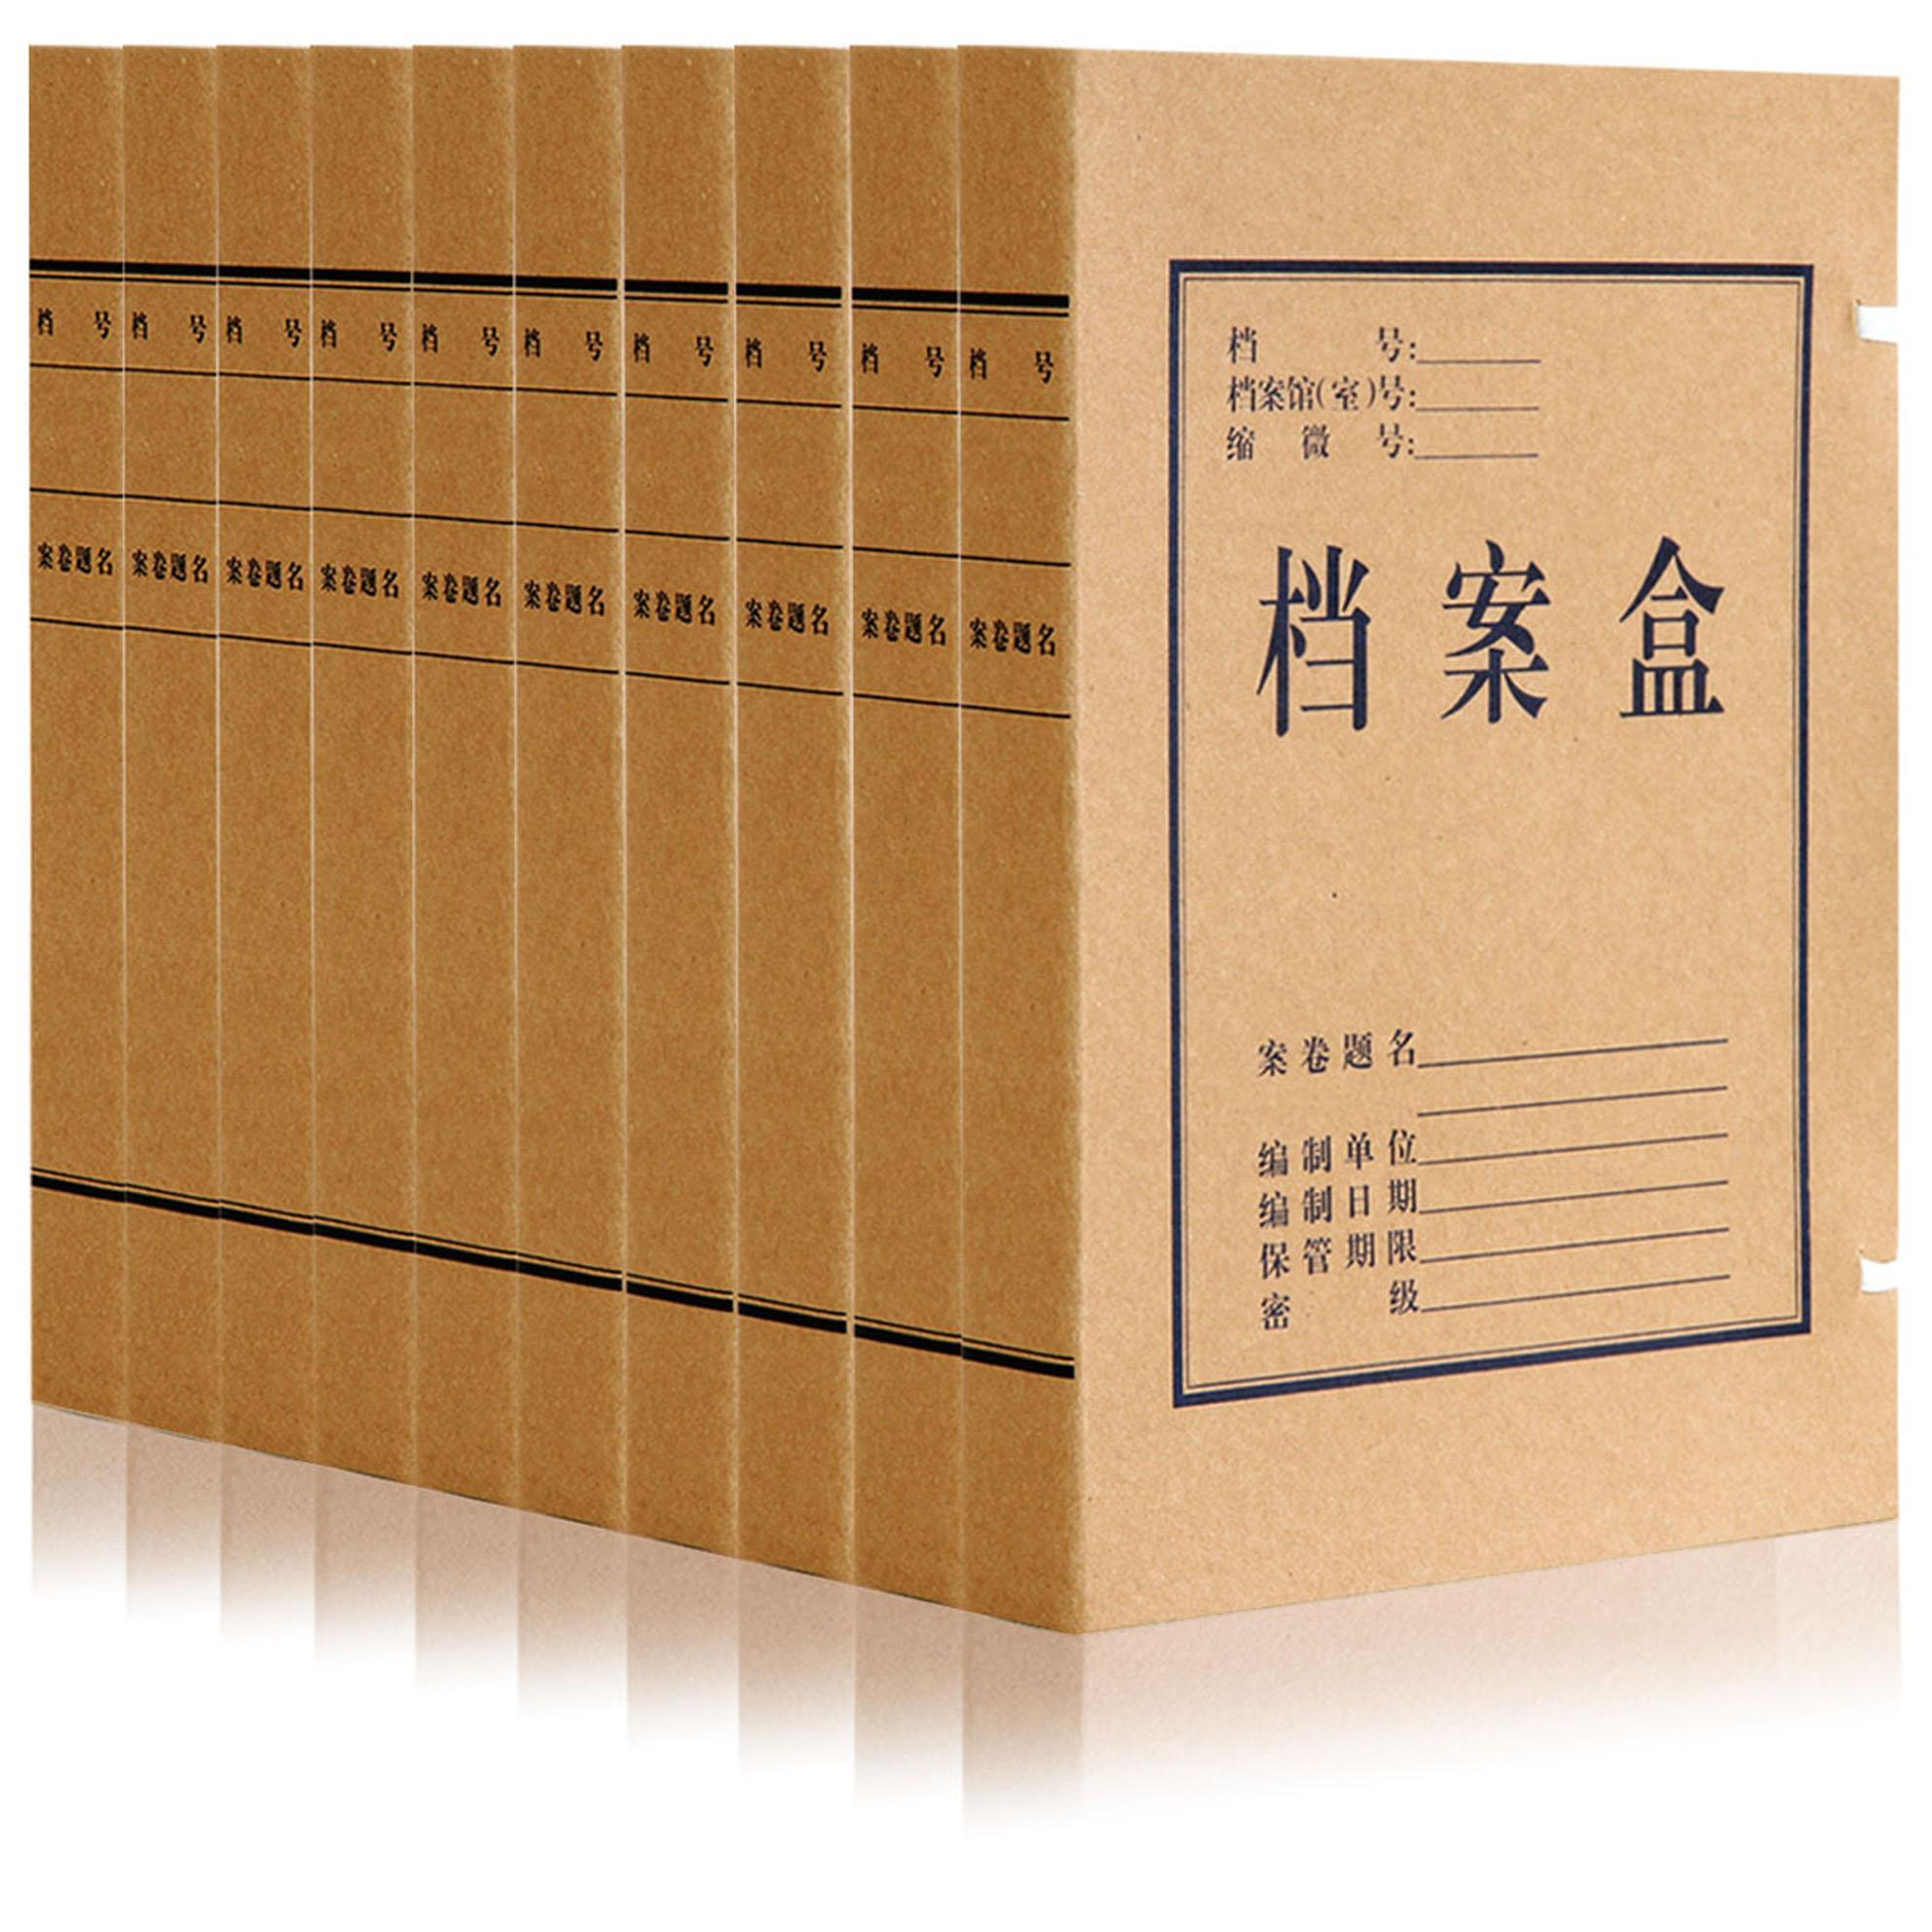 文档翻译流程如何确保顺畅